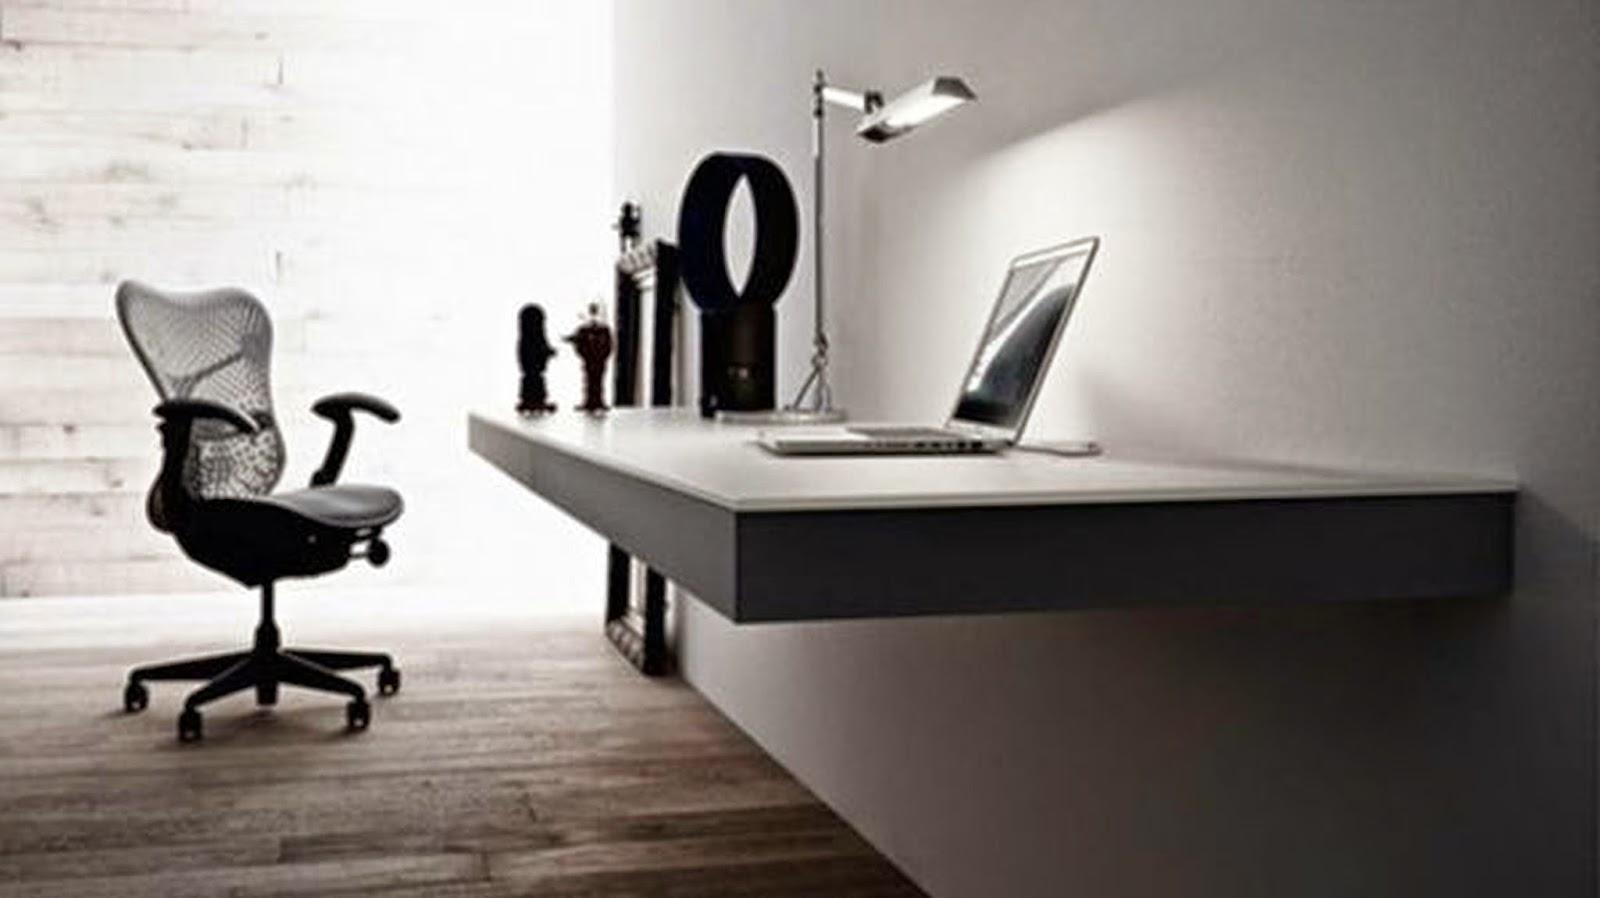 Panduan untuk kediaman idaman 66 idea untuk membina pejabat soho di rumah kediaman anda - Designing and decorating home office in smart way ...